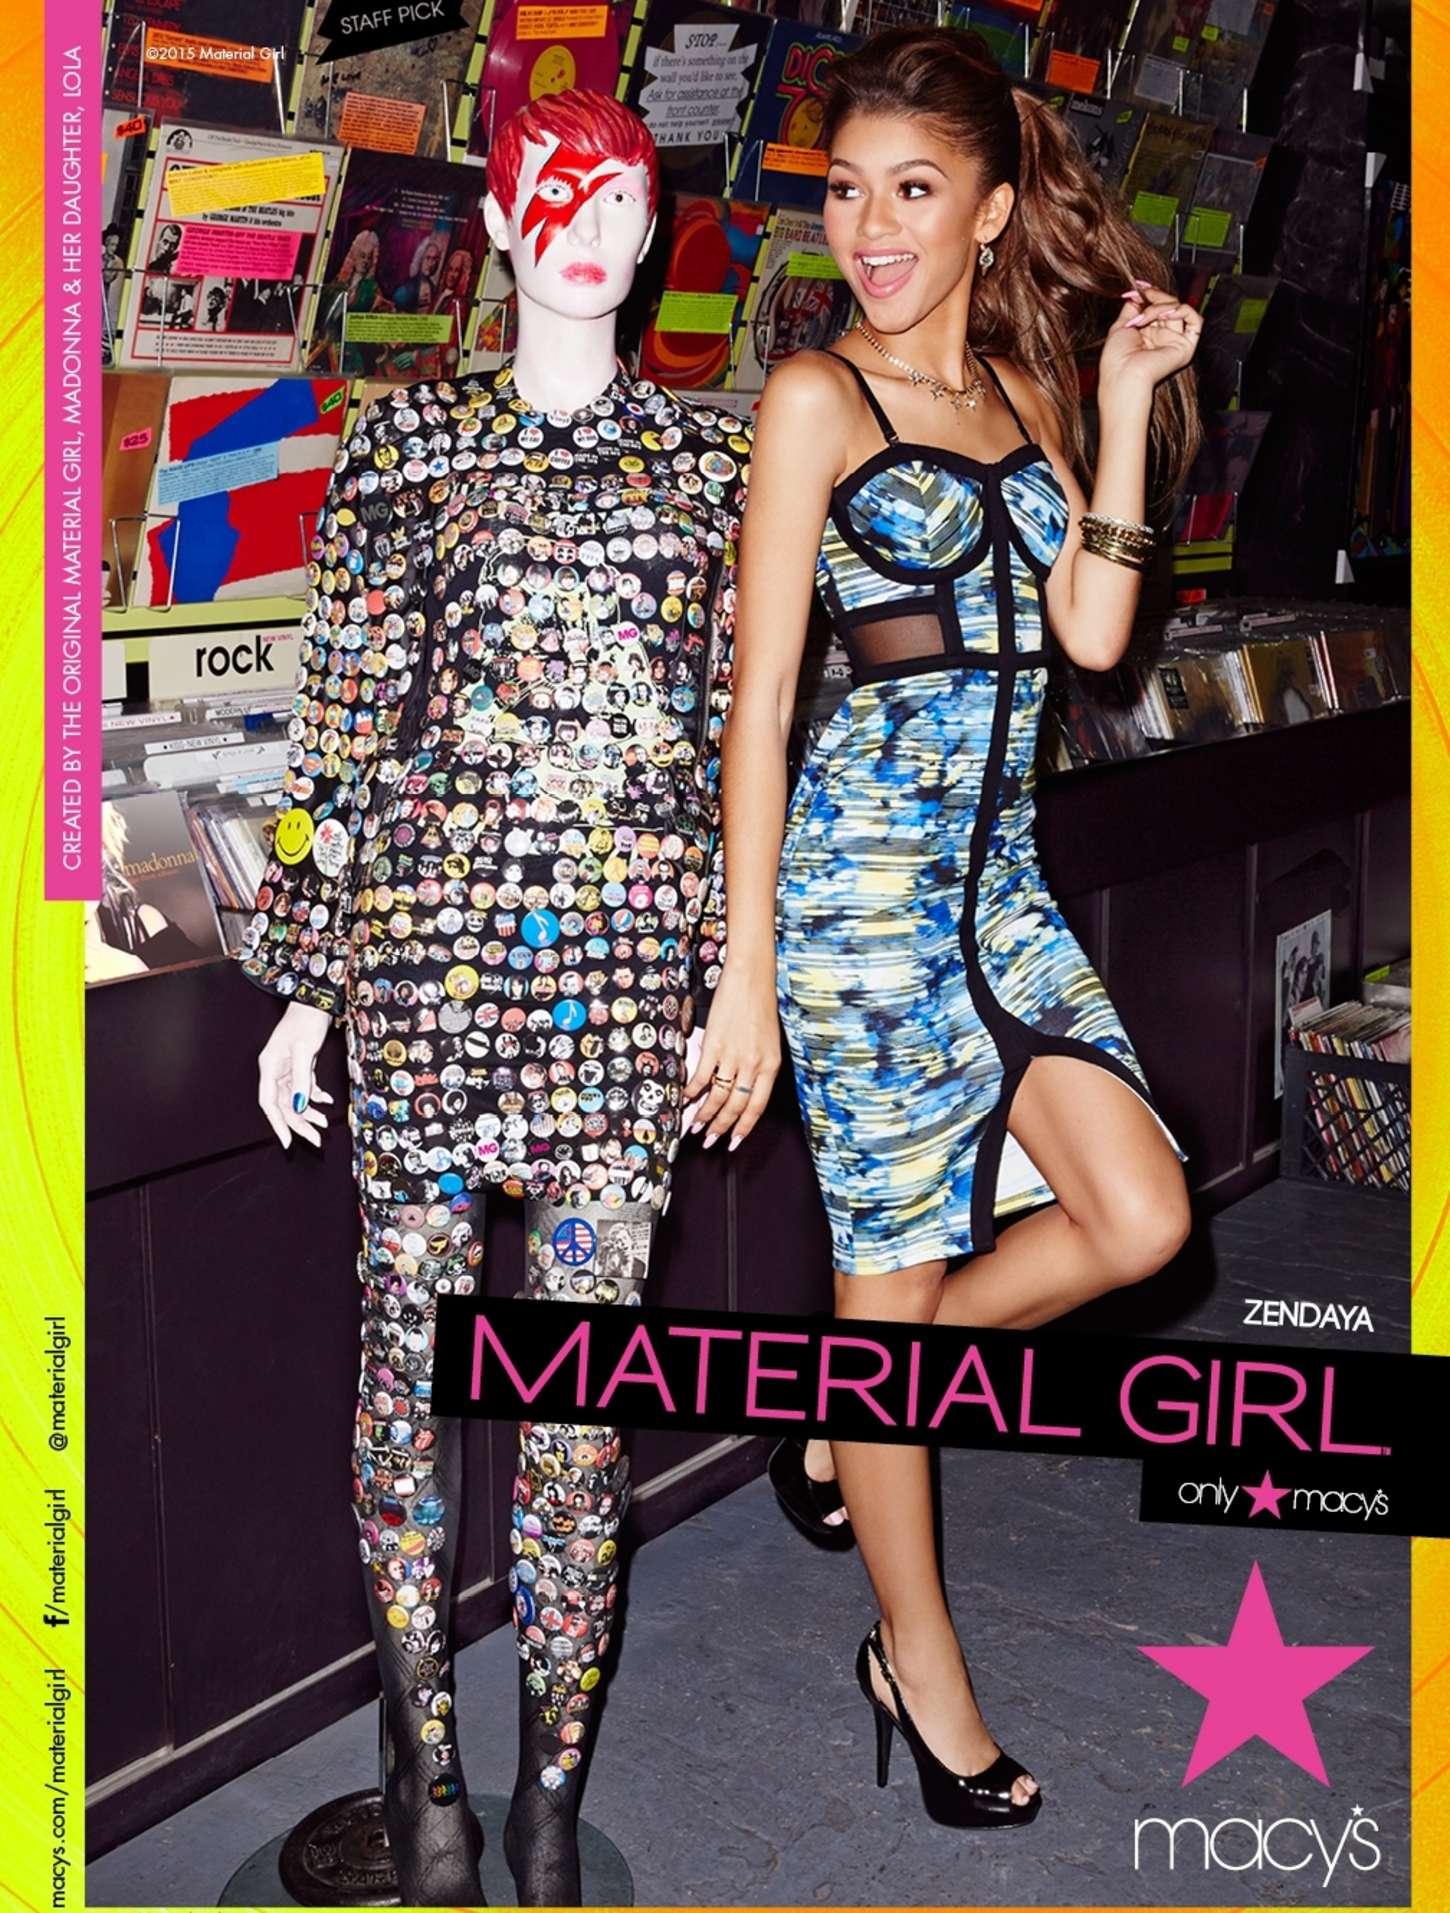 Zendaya Coleman 2015 : Zendaya Coleman: Material Girl 2015 Campaign -02